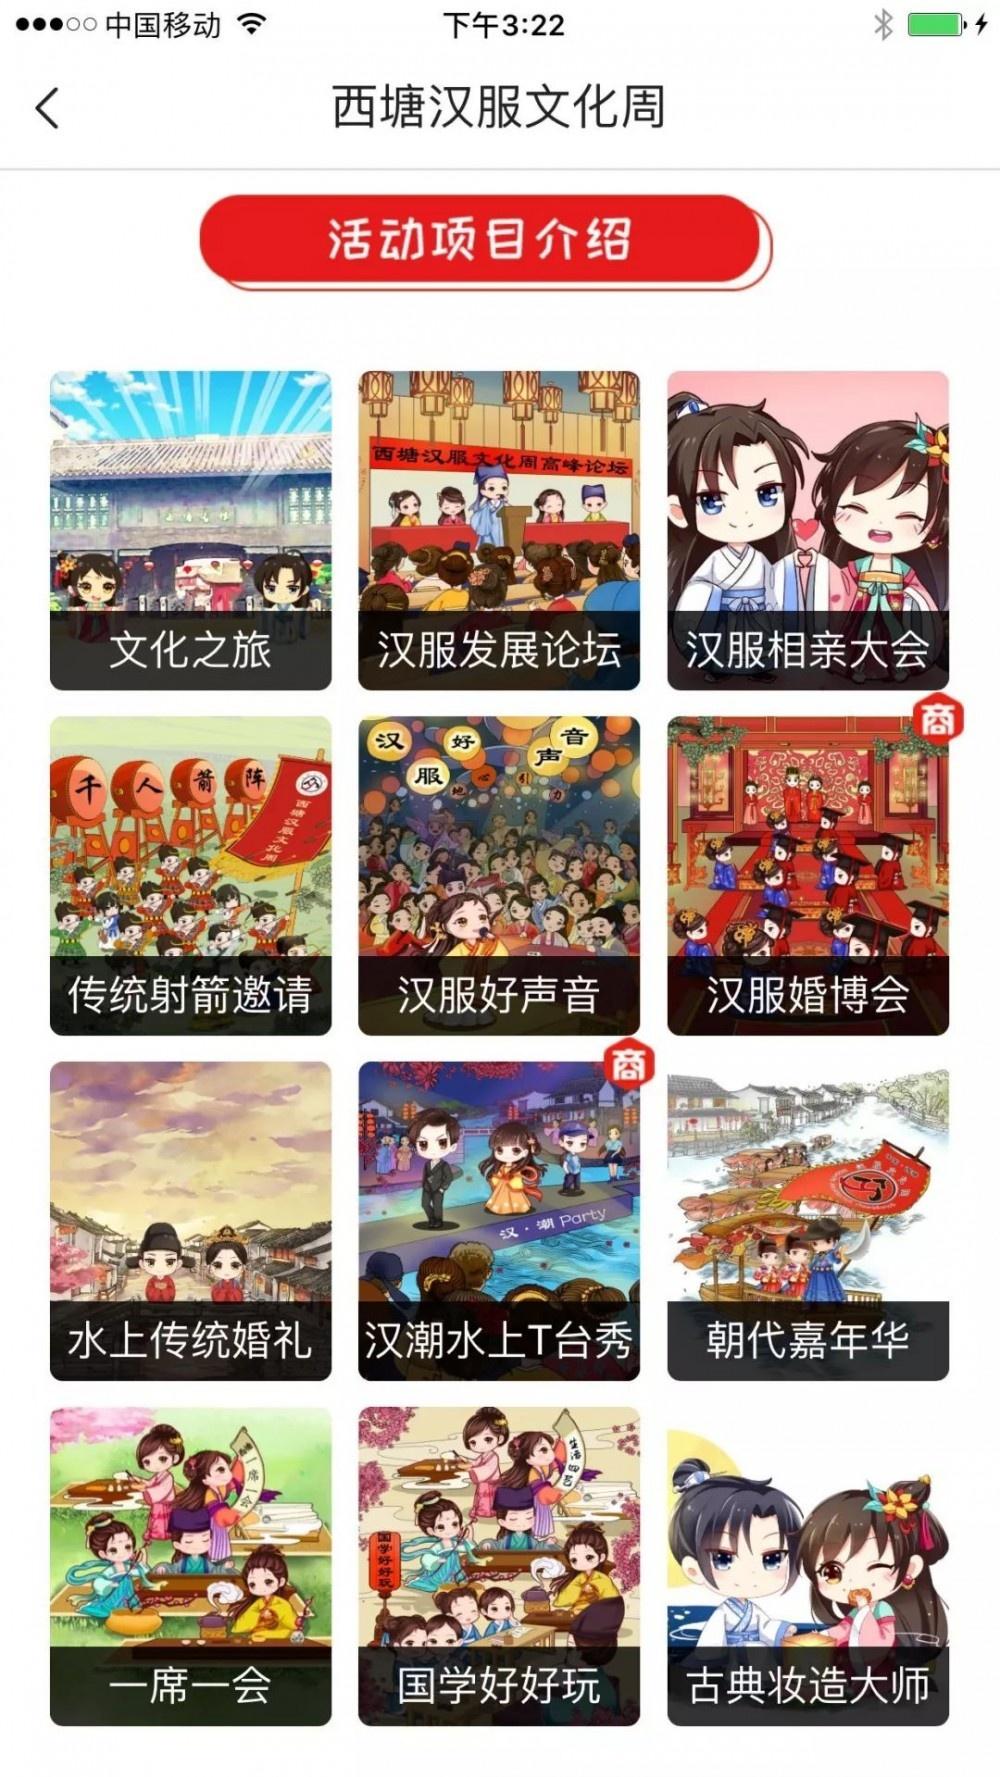 【西塘汉服文化周】期待!!离西塘汉服文化周只剩三天啦!!